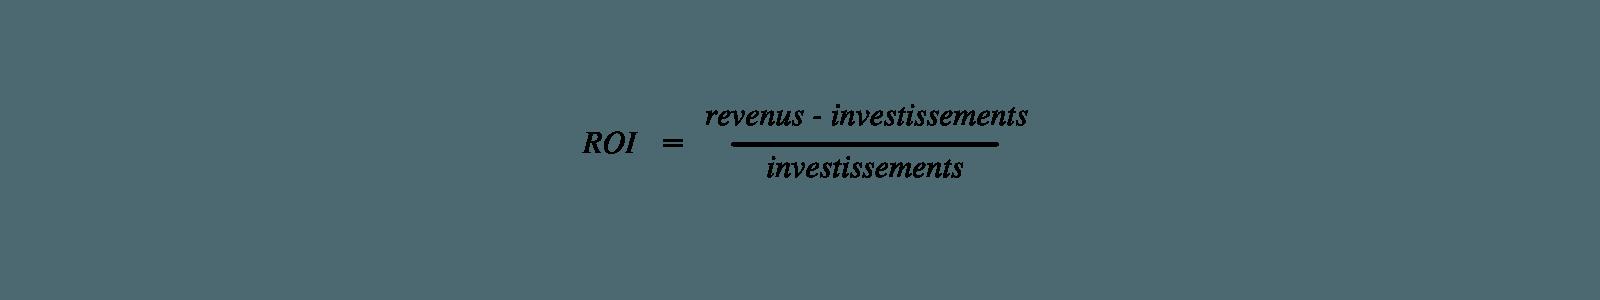 Calcul du ROI dans le cadre de l'analyse financière de l'entreprise